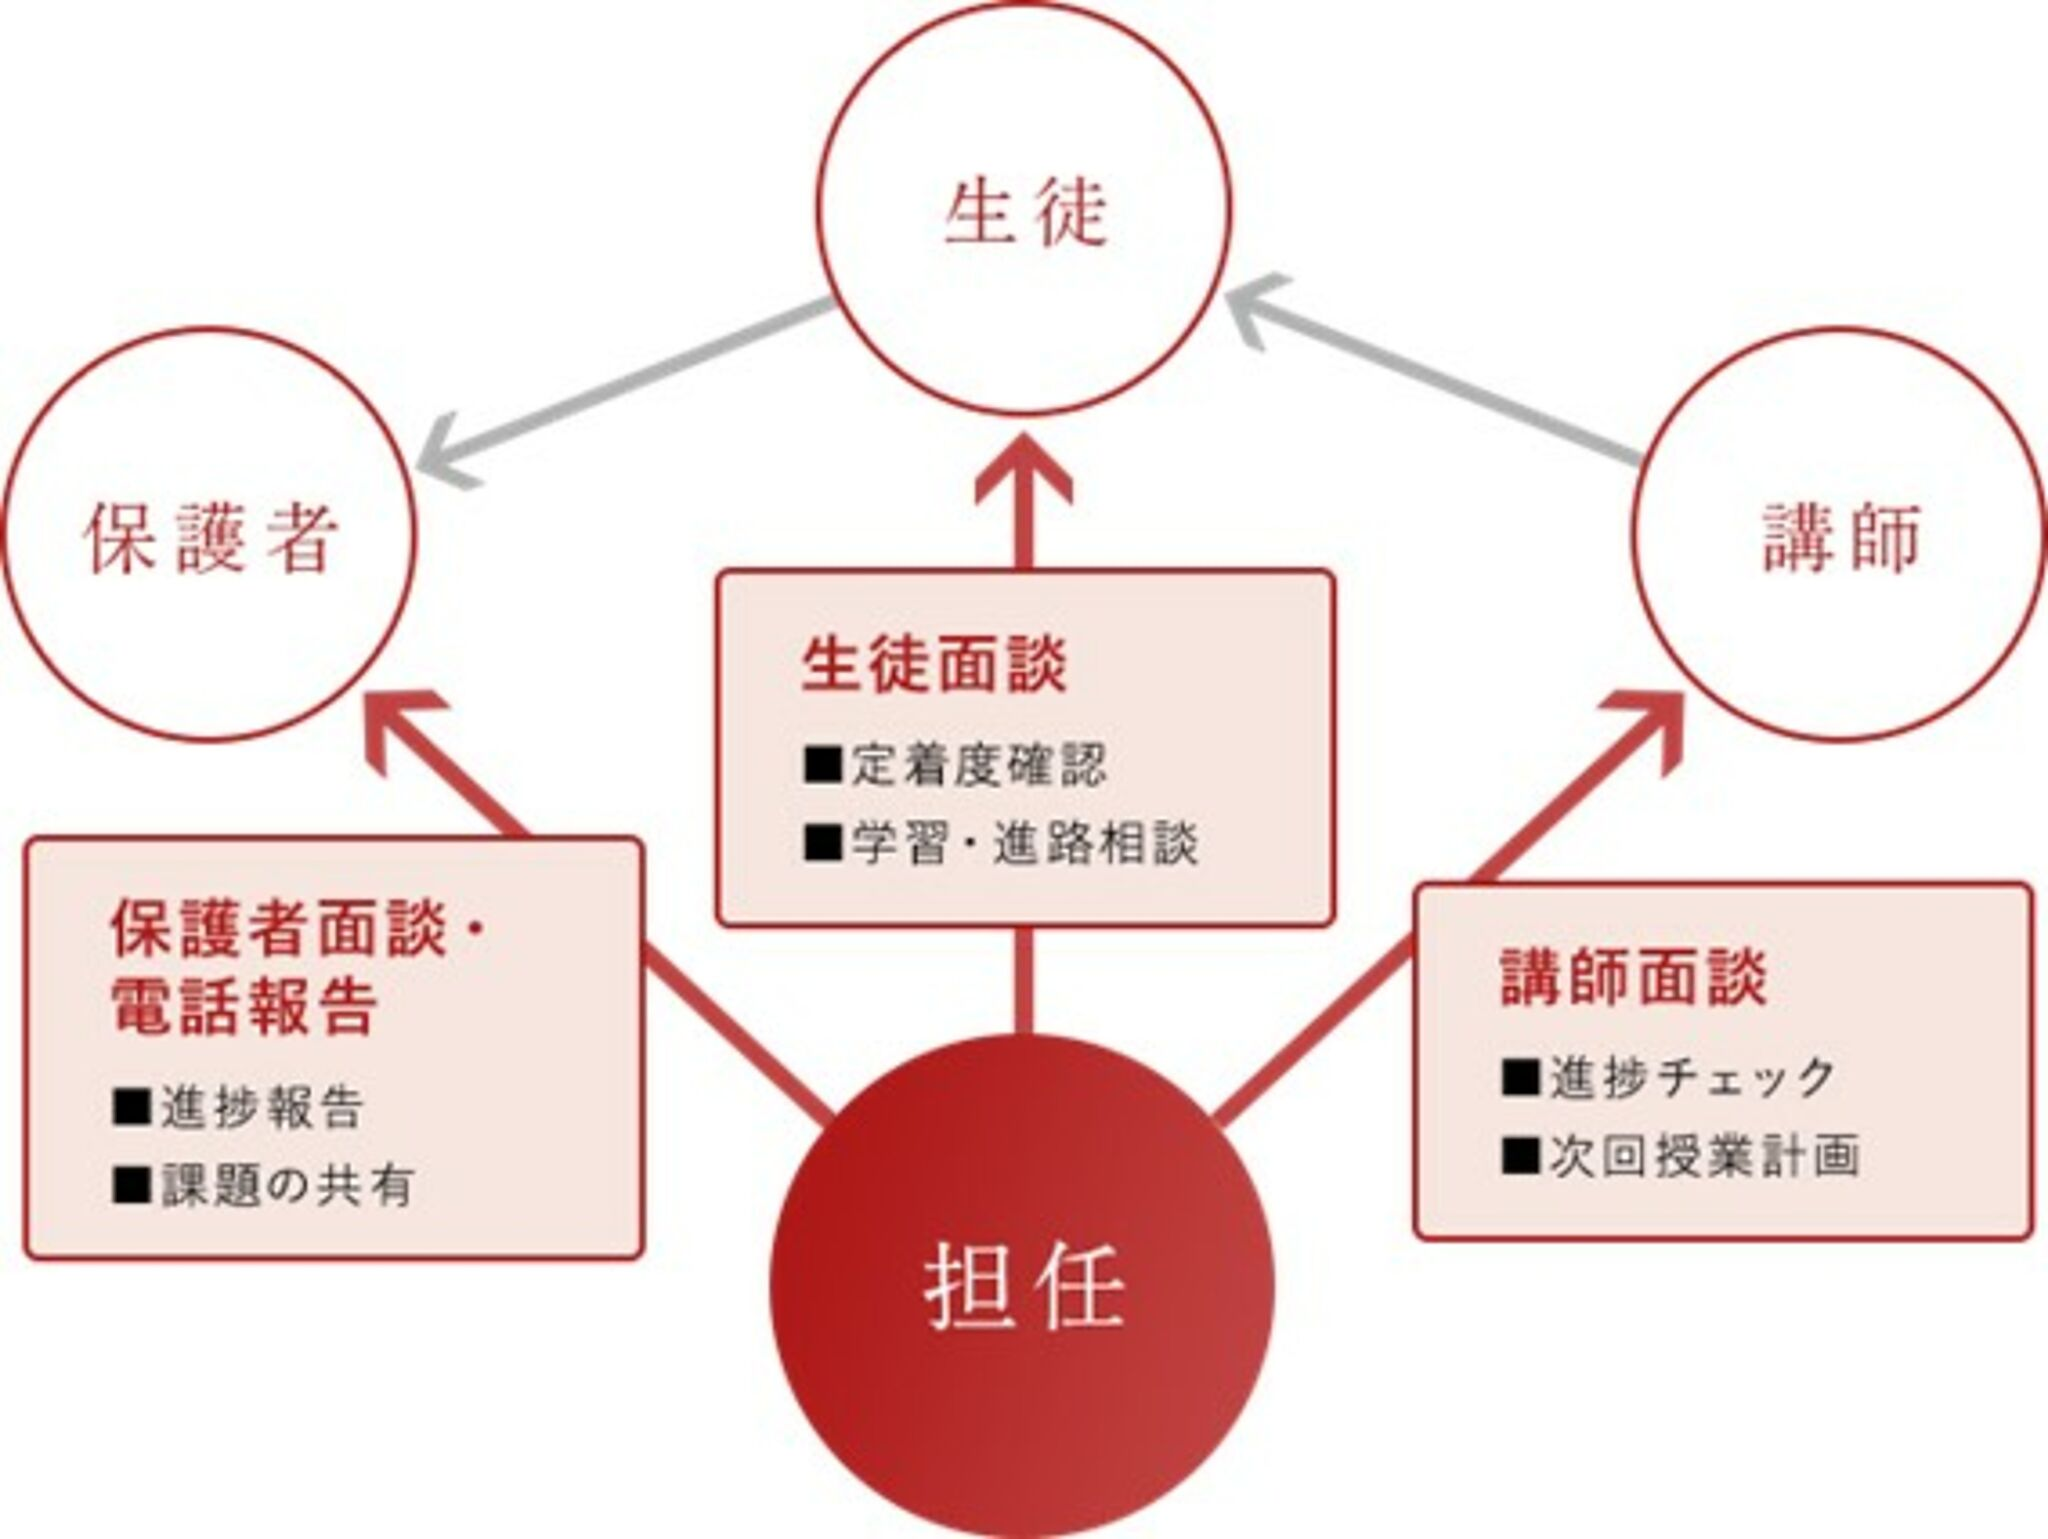 名門会 インタビュー 学習指導システム